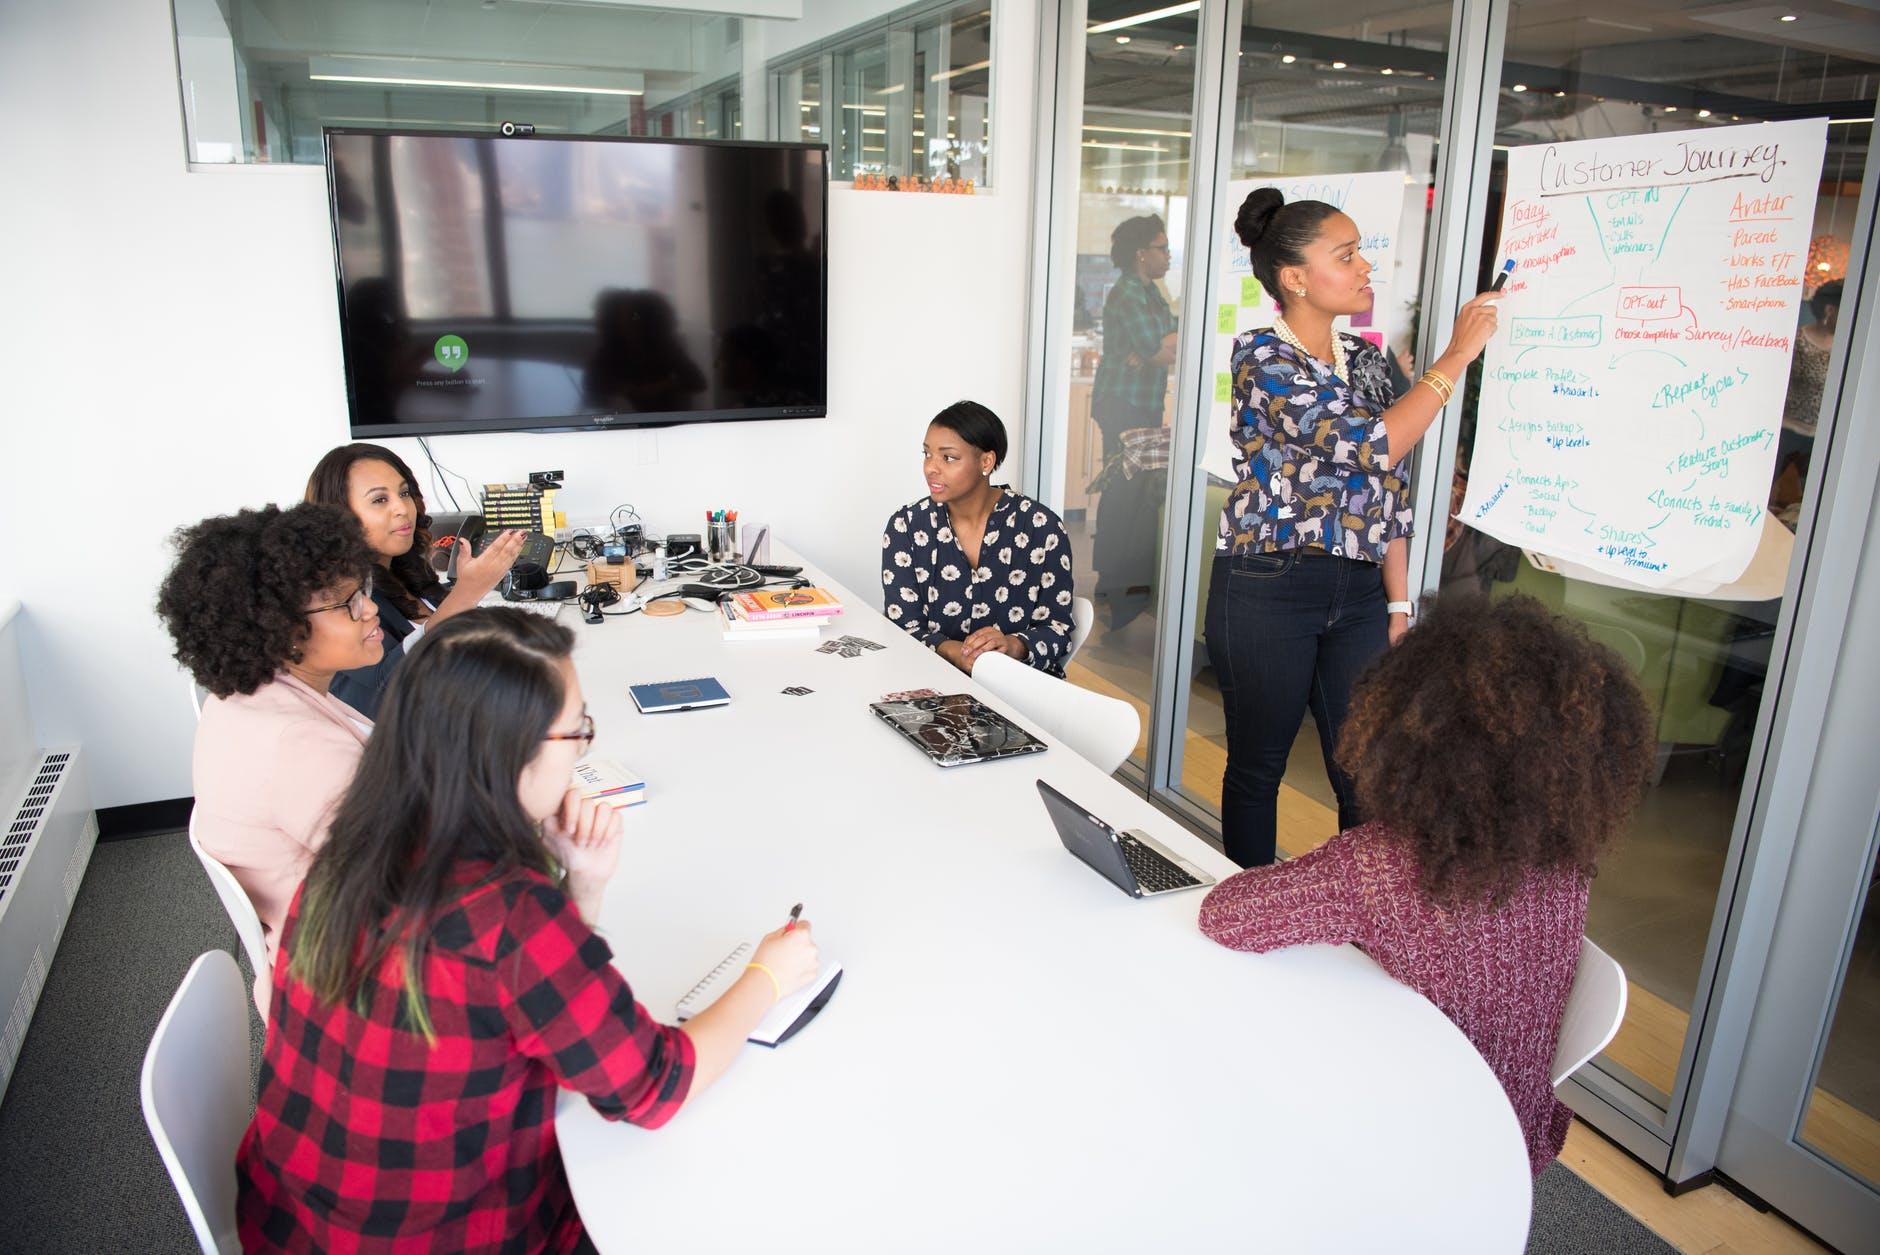 Pepermint: una plataforma que impulsa la transformación digital de las organizaciones